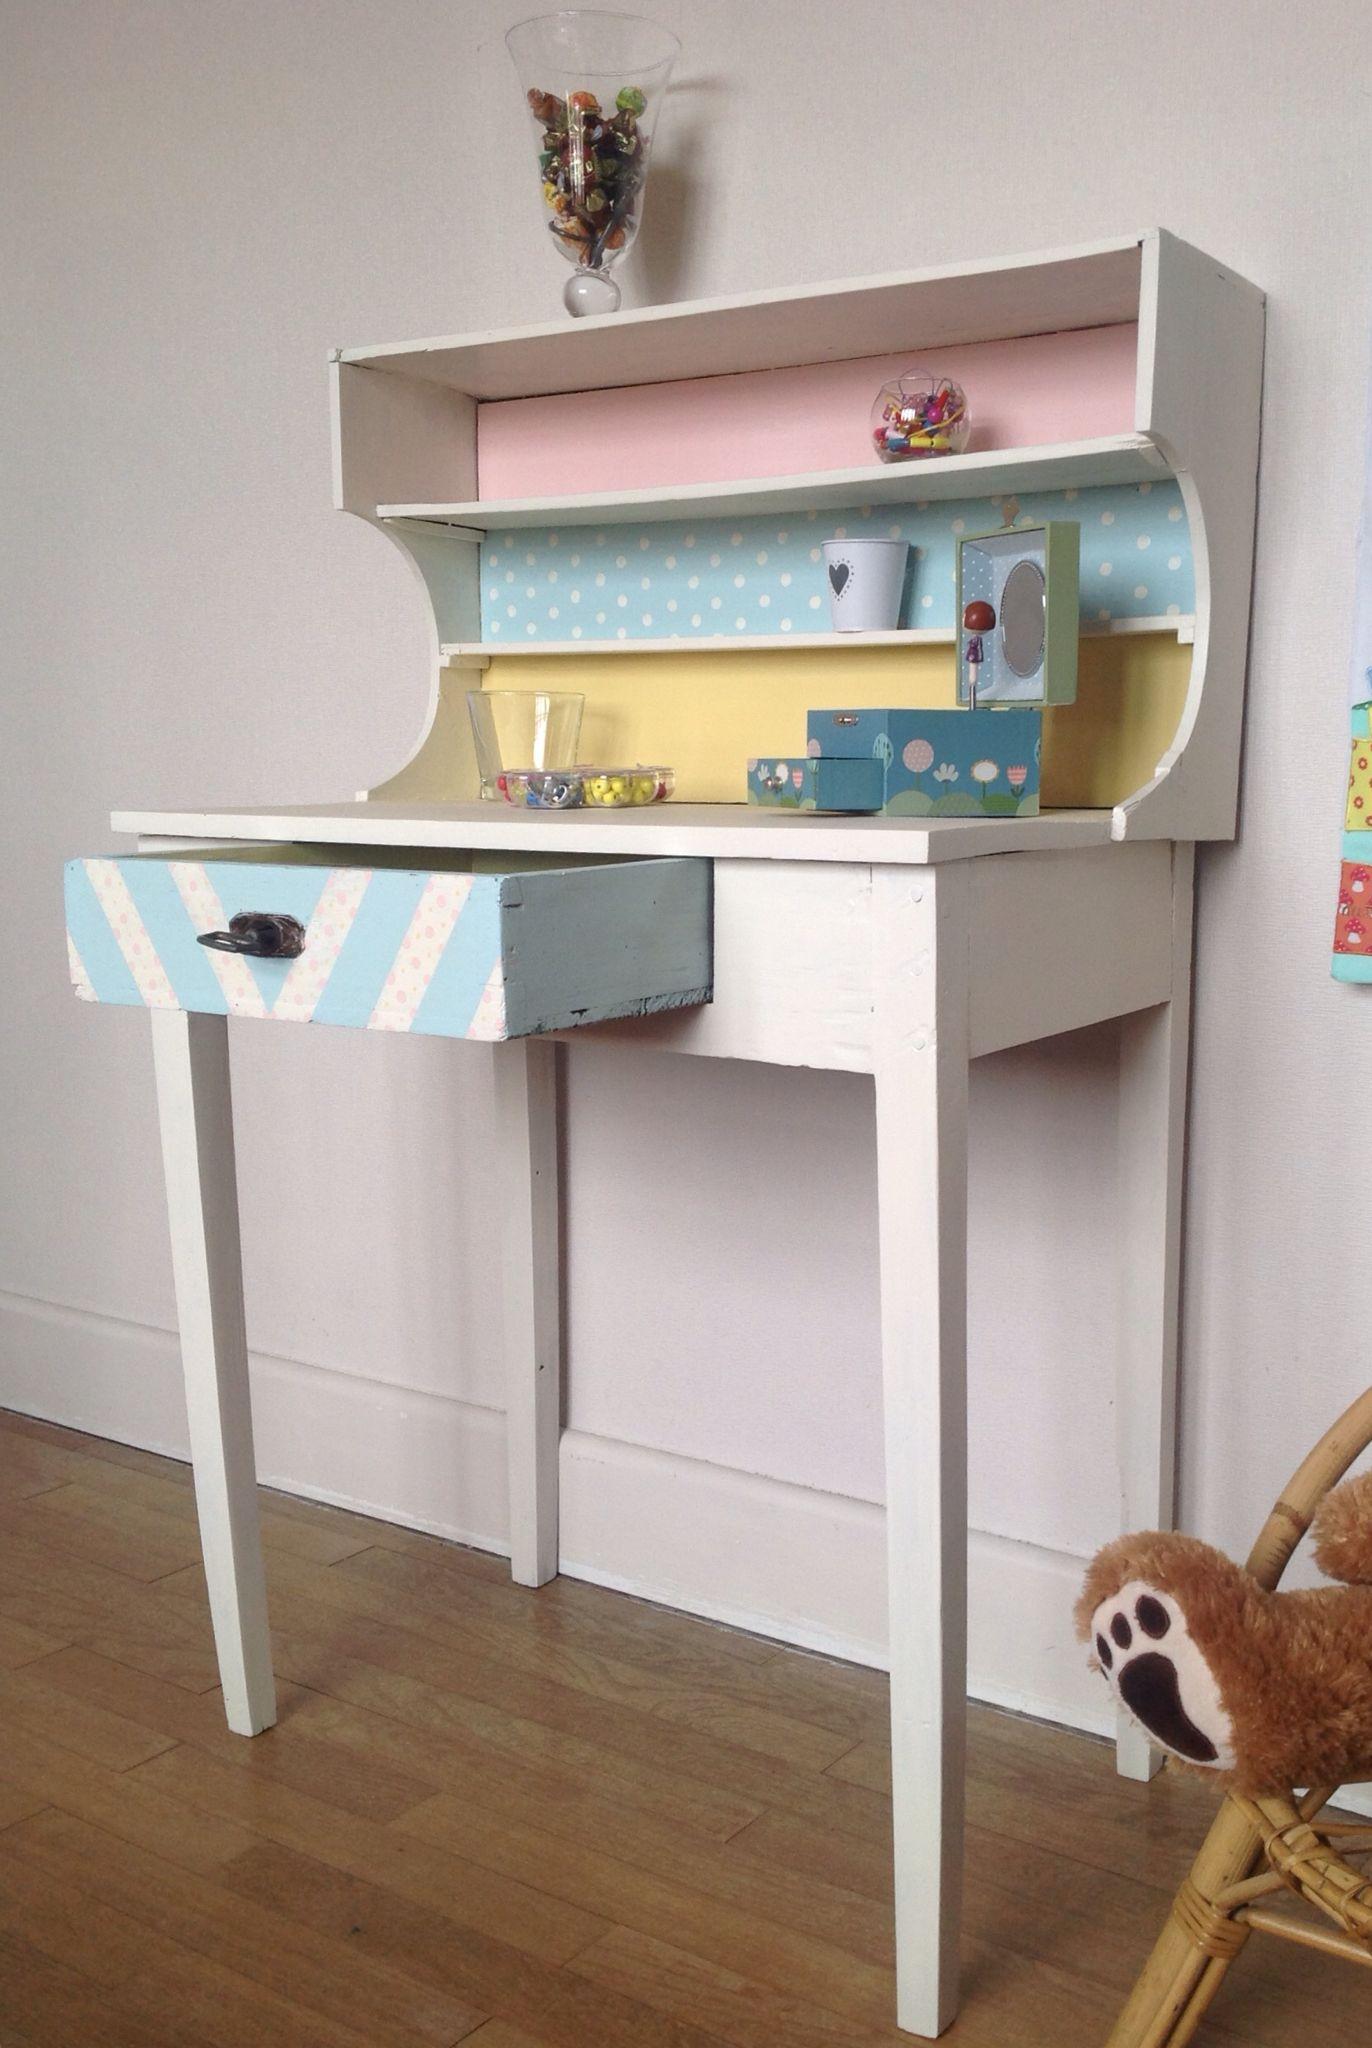 Bureau coiffeuse pour chambre de fille motifs r alis s en peinture mobilier vintage enfant - Bureau secretaire enfant ...